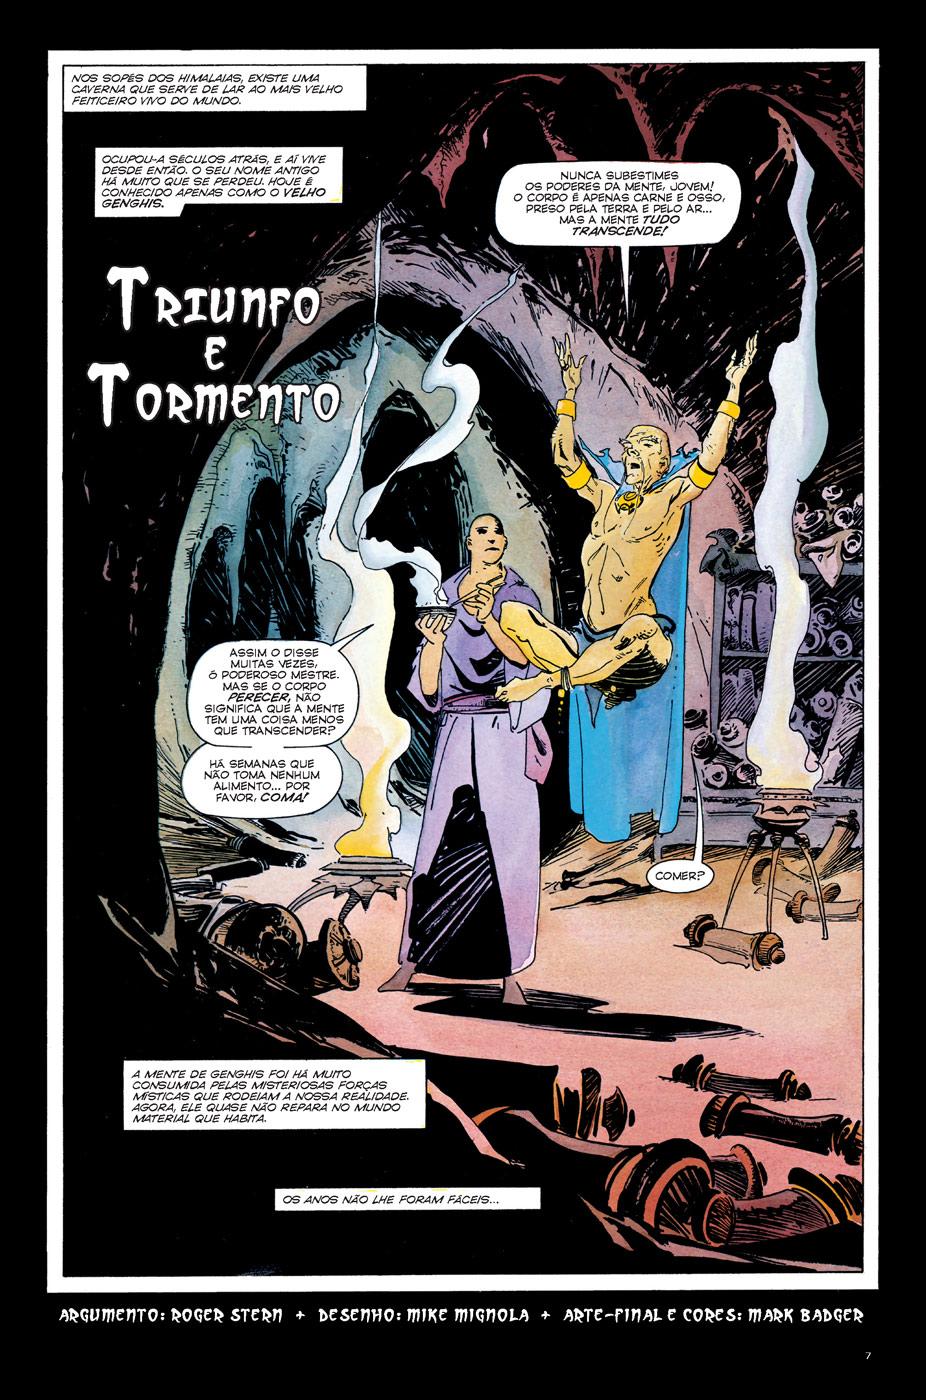 Dr. Estranho e Dr. Destino - Triunfo e Tormento Página 1